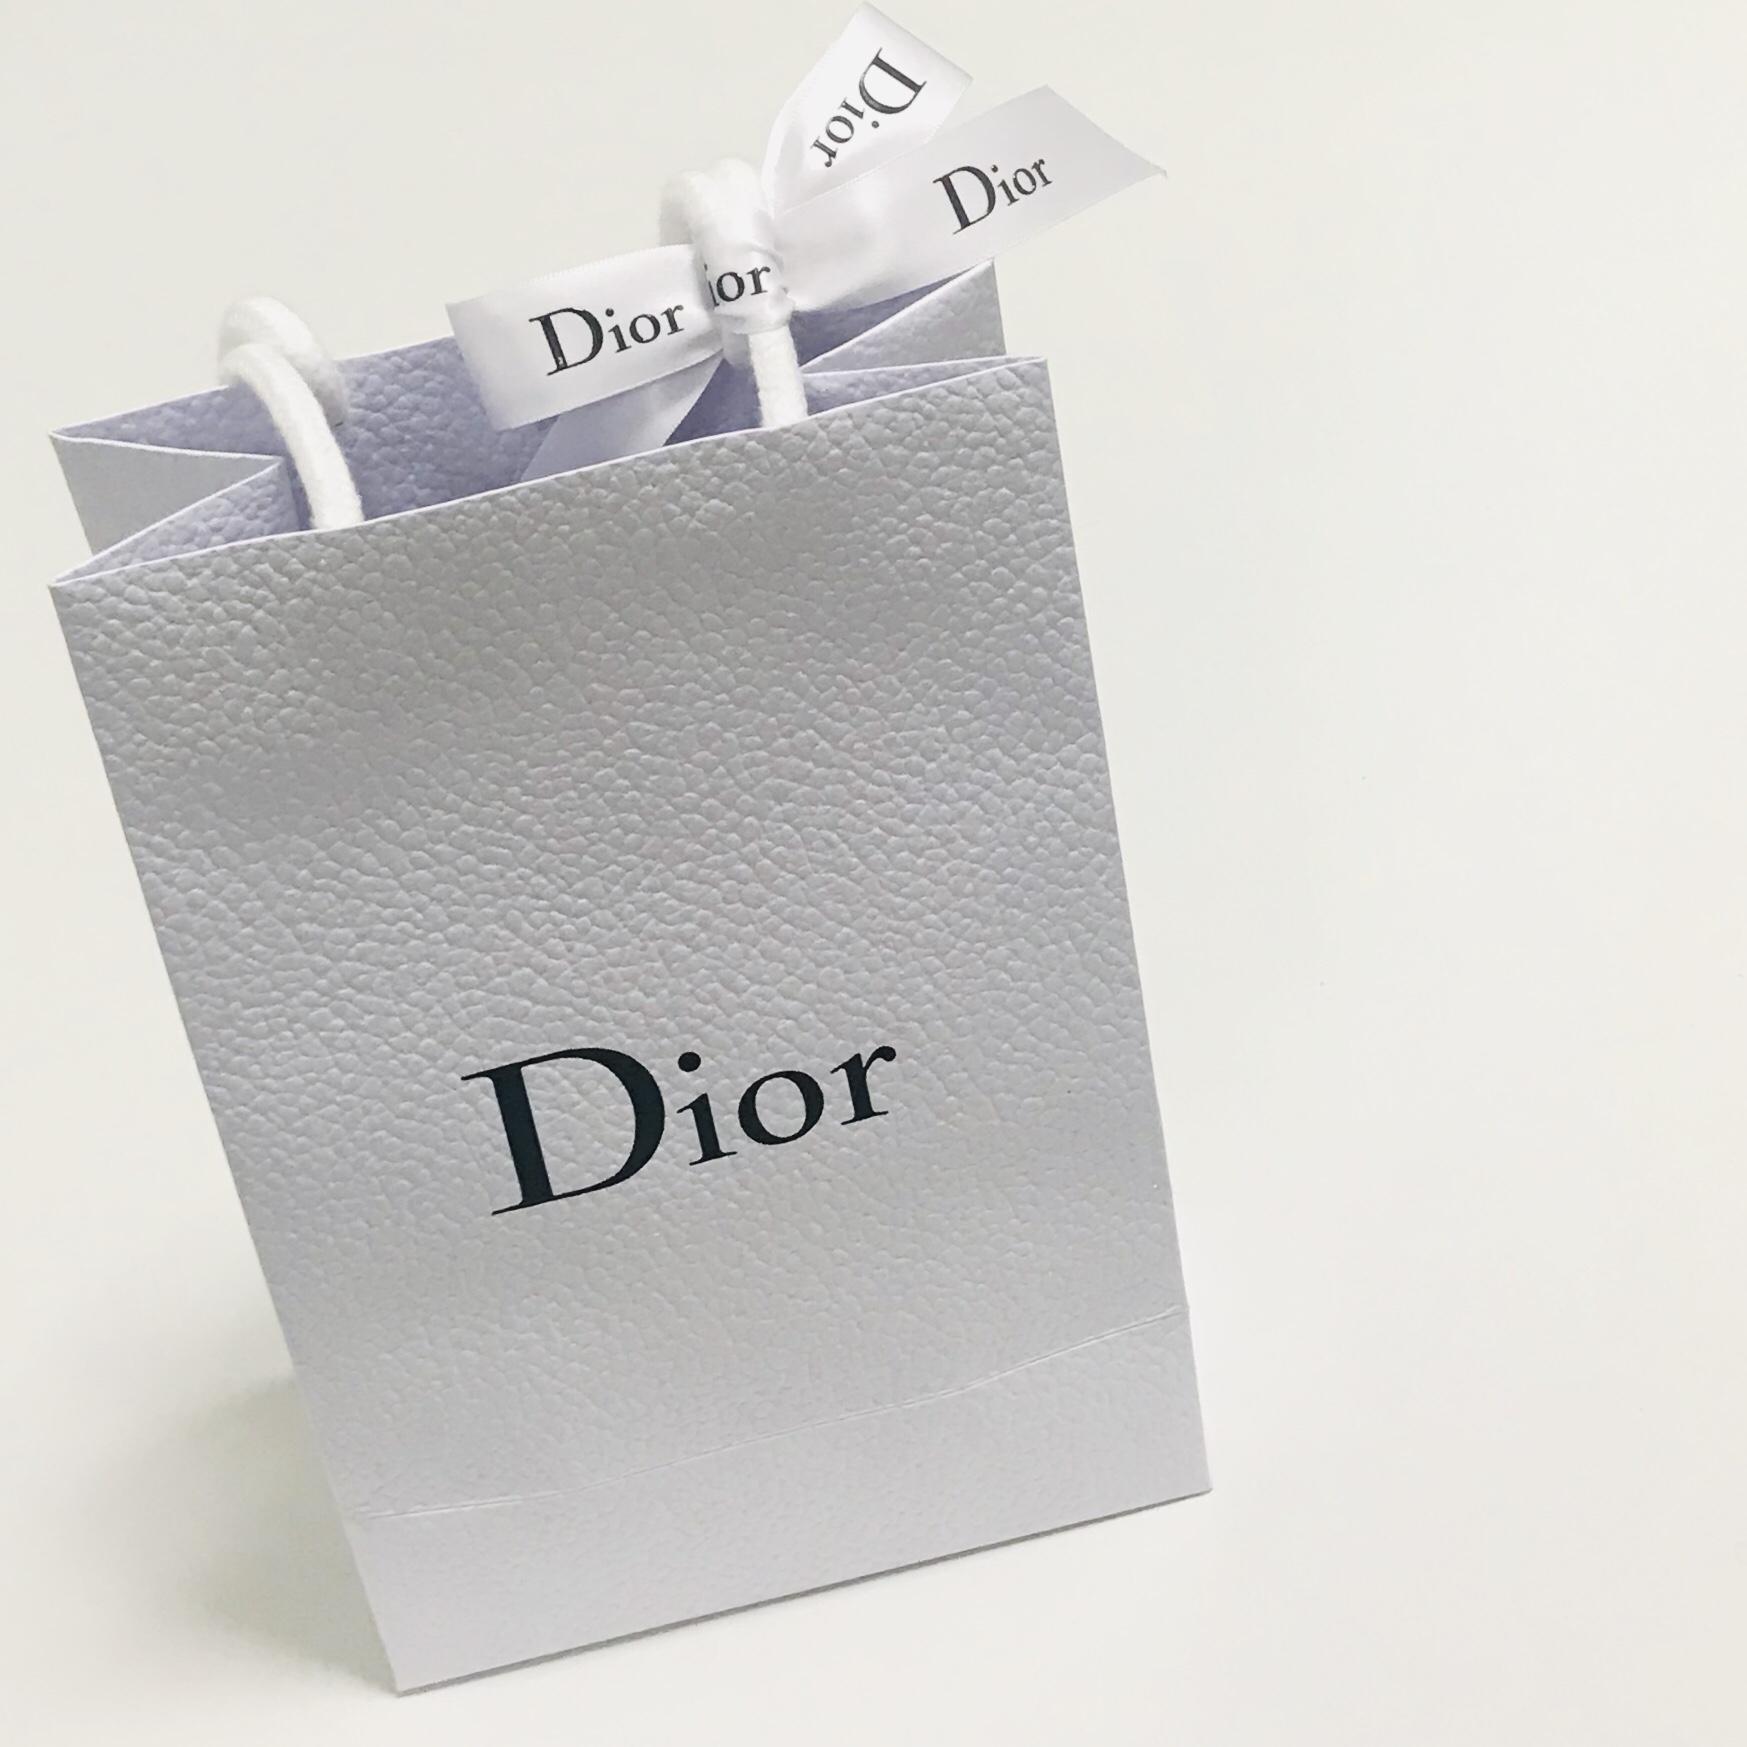 ディオールで今年最後の買い納め!購入品紹介など【Dior】